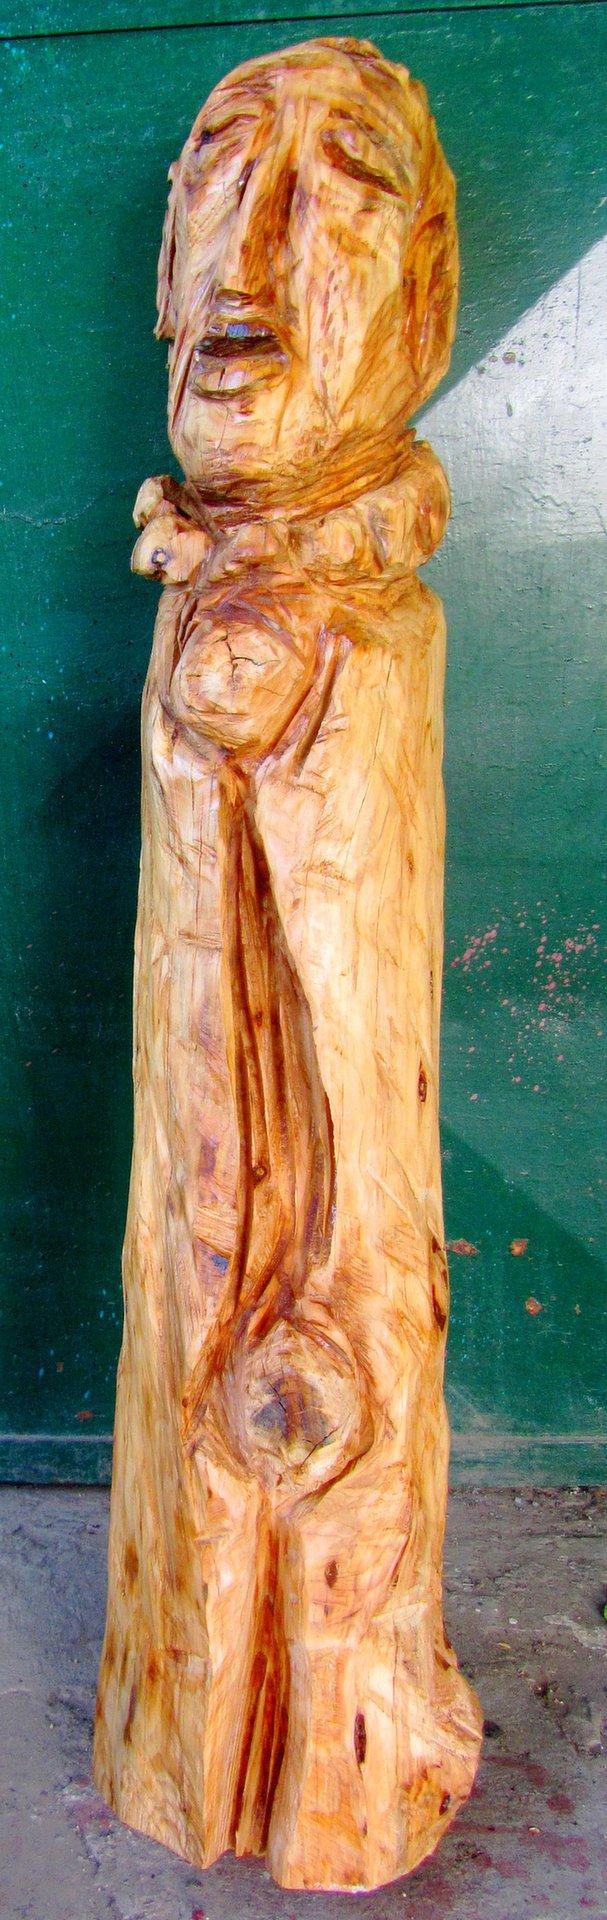 vv+sculture+legno++(16).JPG